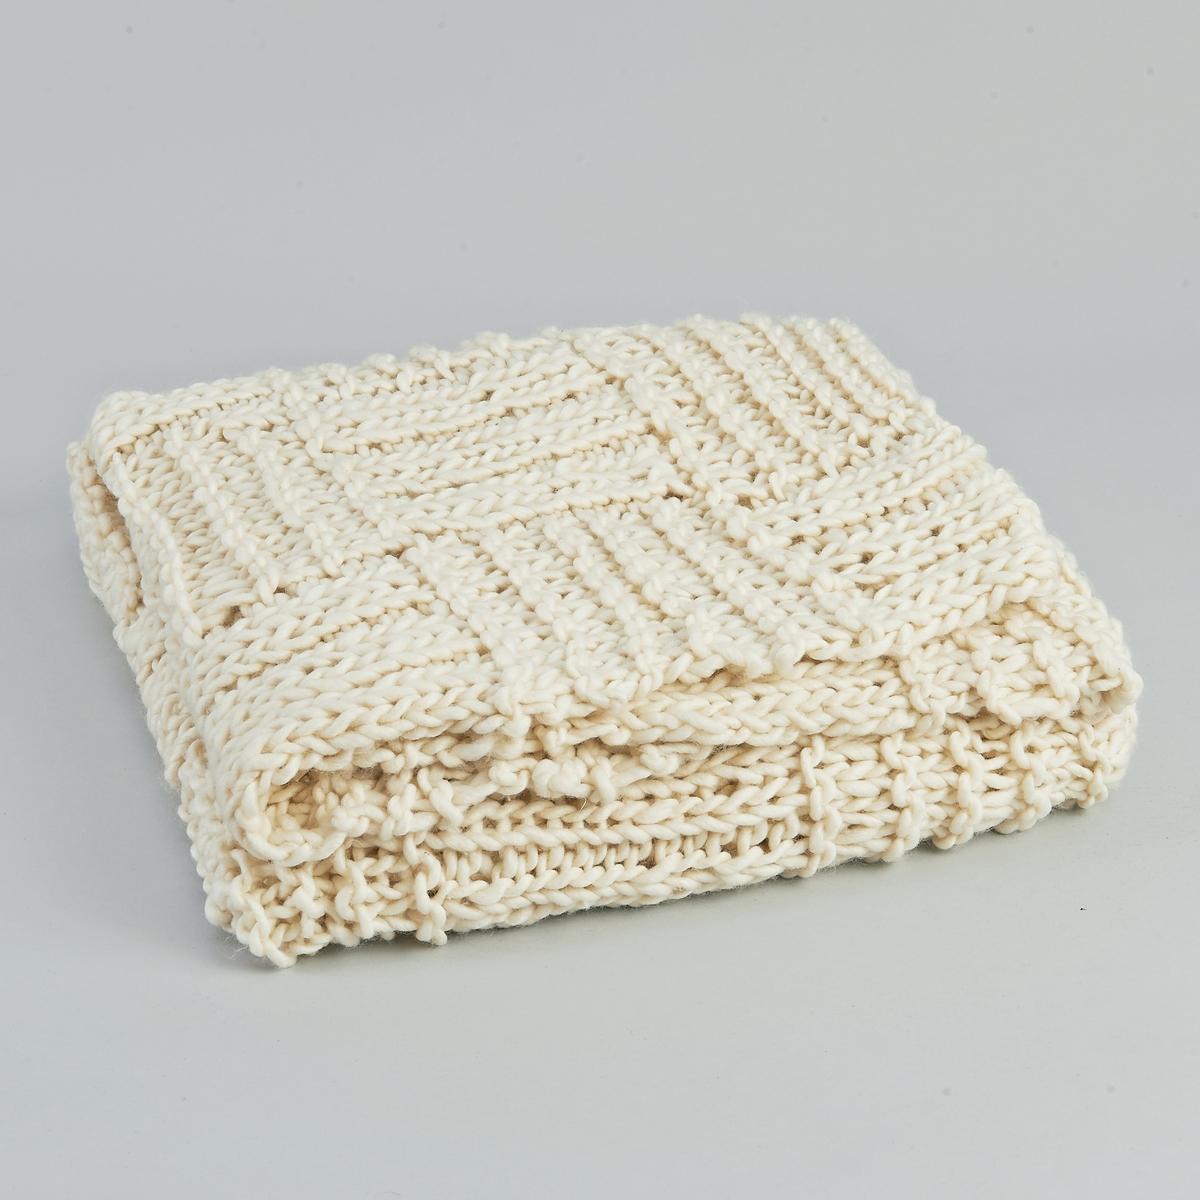 Плед 60% шерсти GranithПлед Granith. Позволит Вам стильно согреться зимой… Крупная вязка, ручная работа.  60% шерсти, 20% акрила, 20% полиэстера. Размер : - 150 x 150 см.<br><br>Цвет: экрю